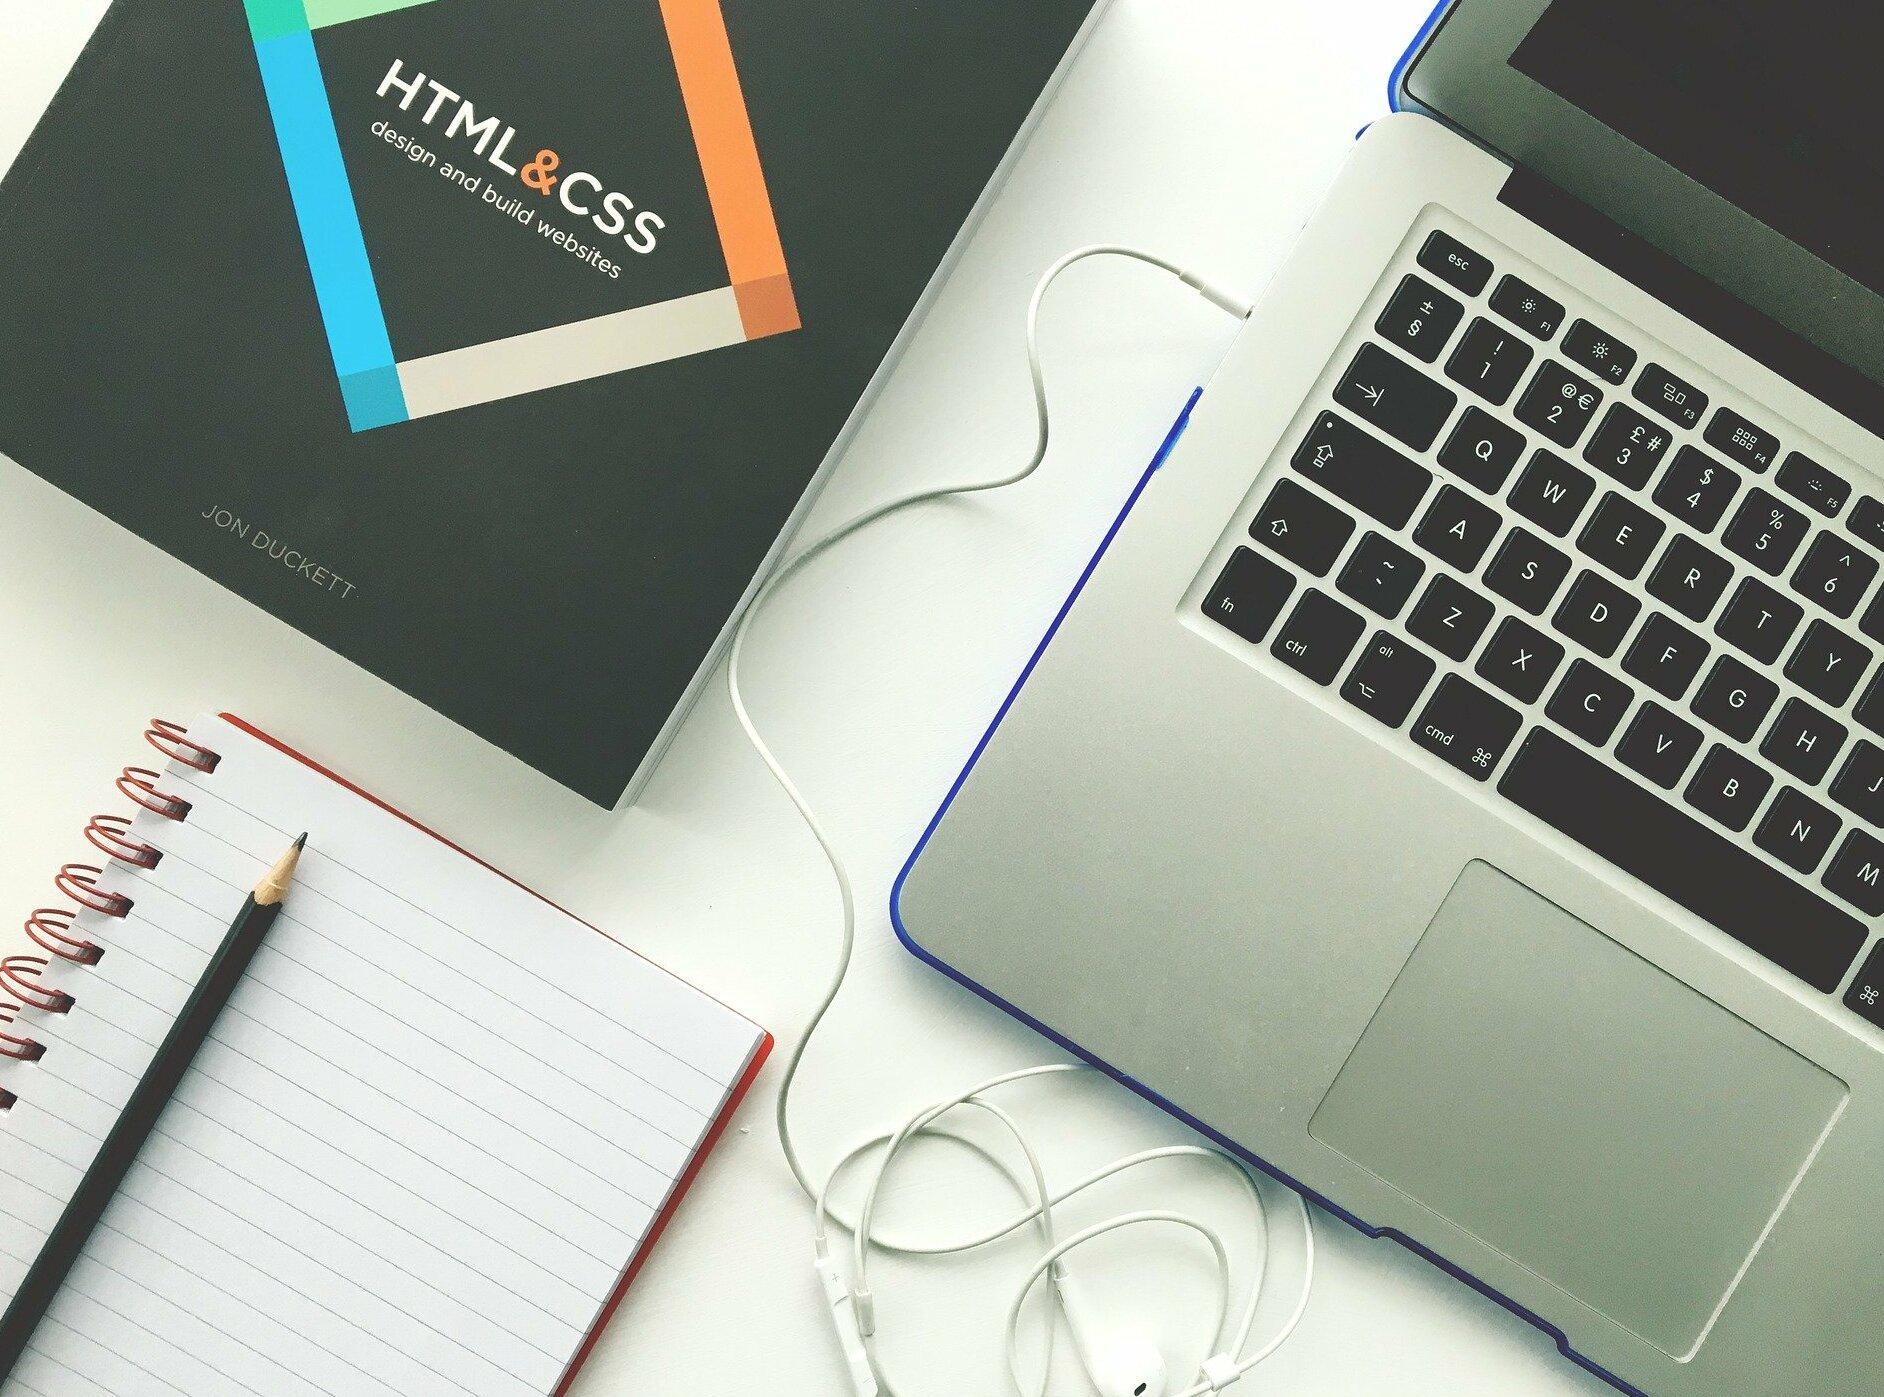 ما هي أفضل شركة تصميم مواقع ؟